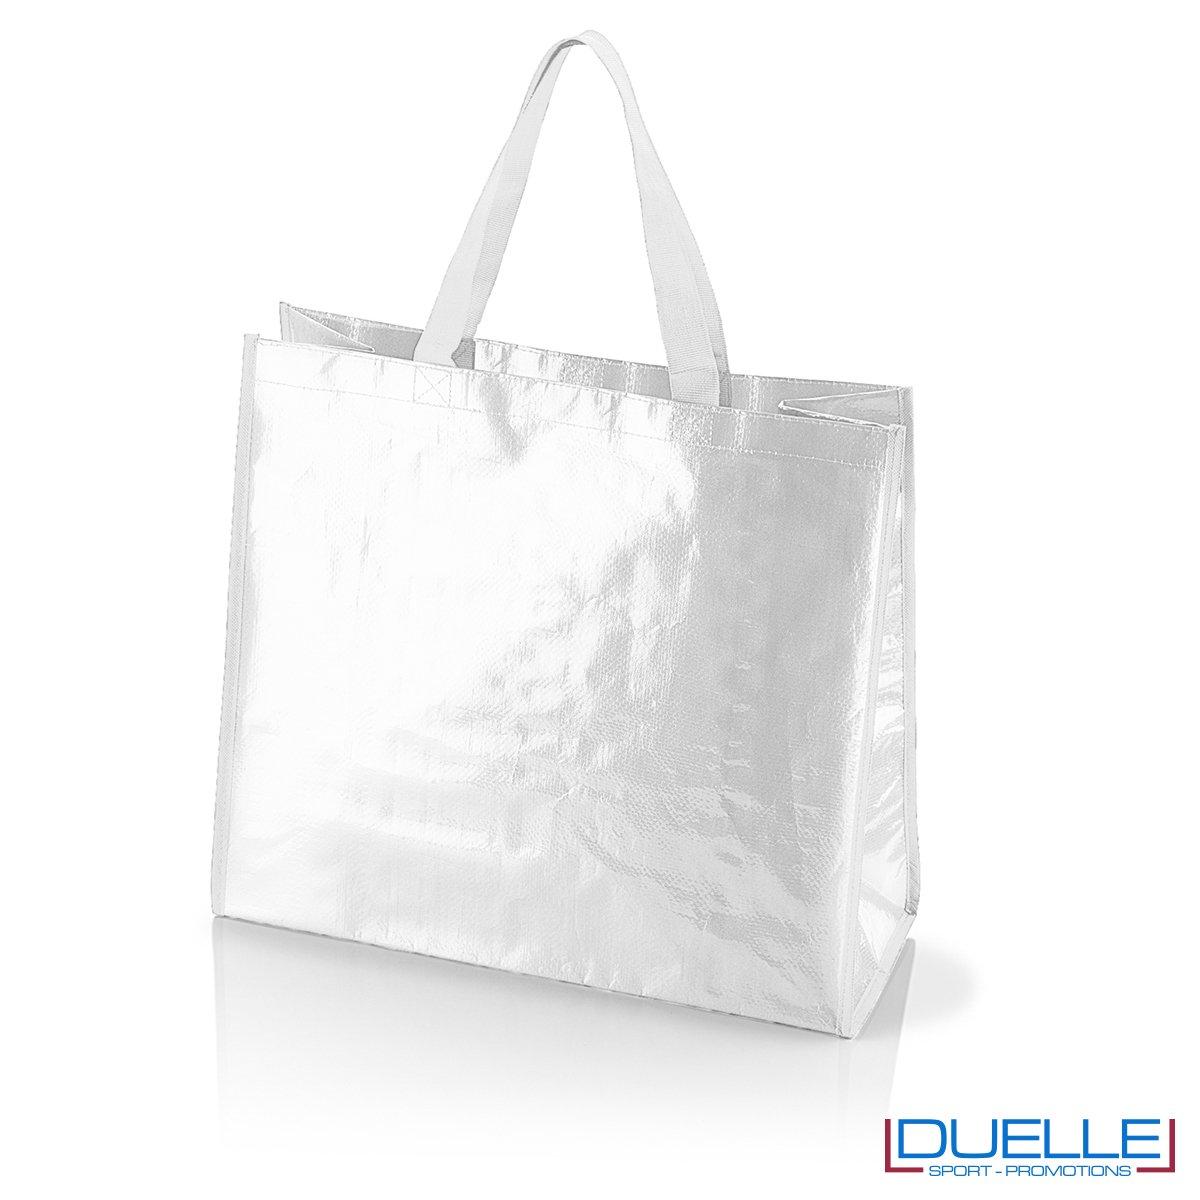 Shopper personalizzata il polipropilene bianca